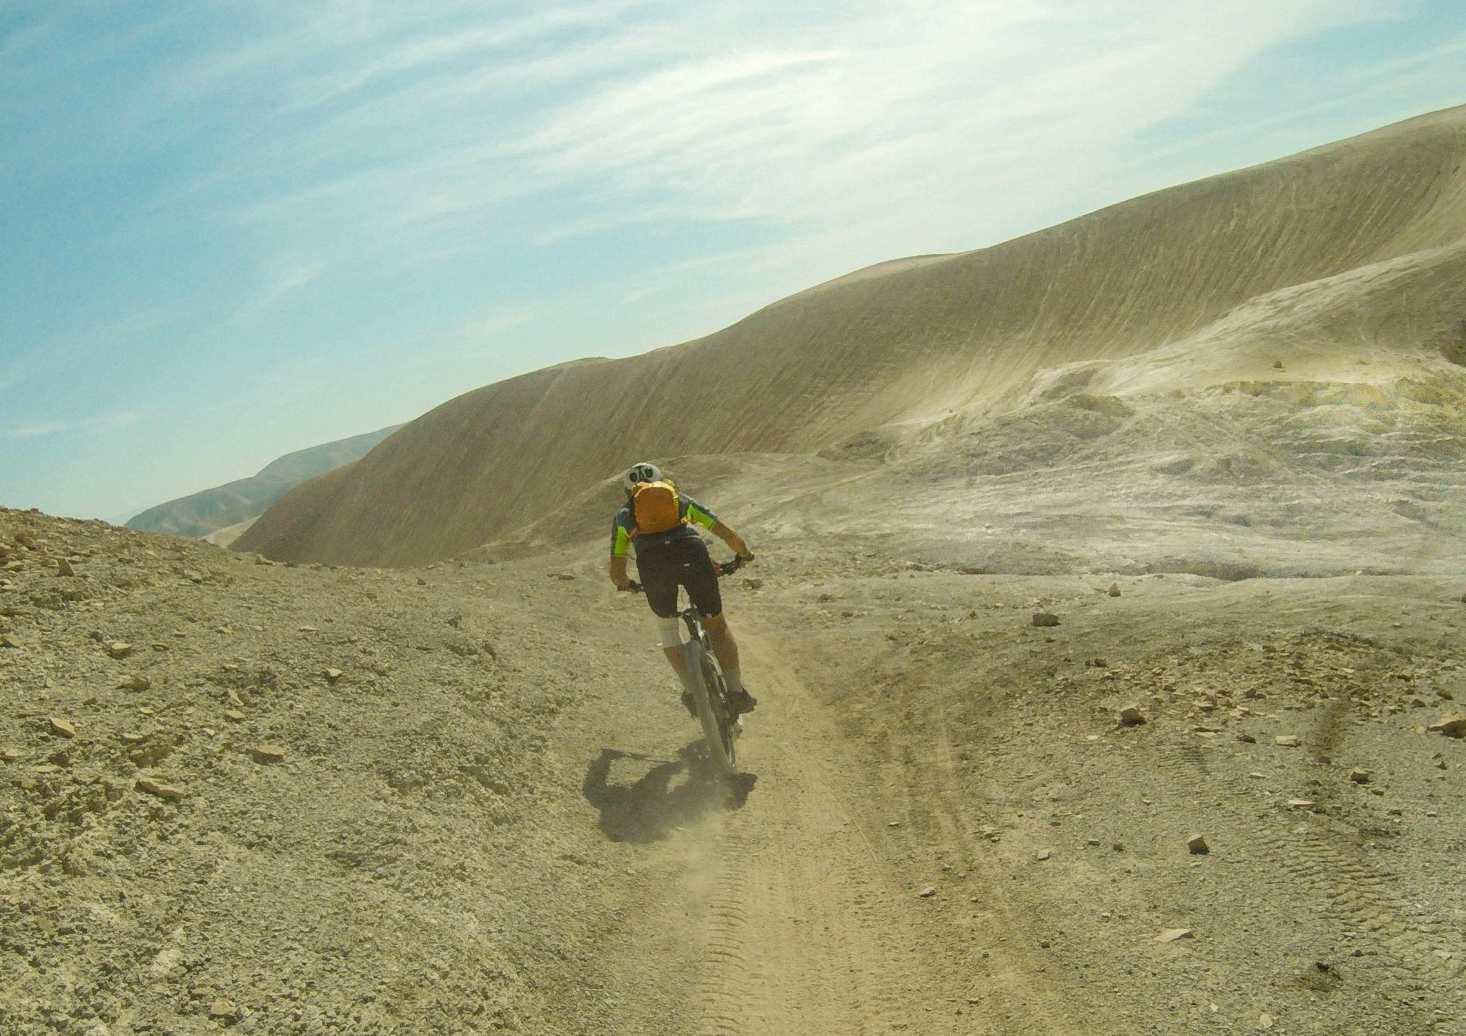 Dead Sea Desert Mountain Biking – The Sugar Trail